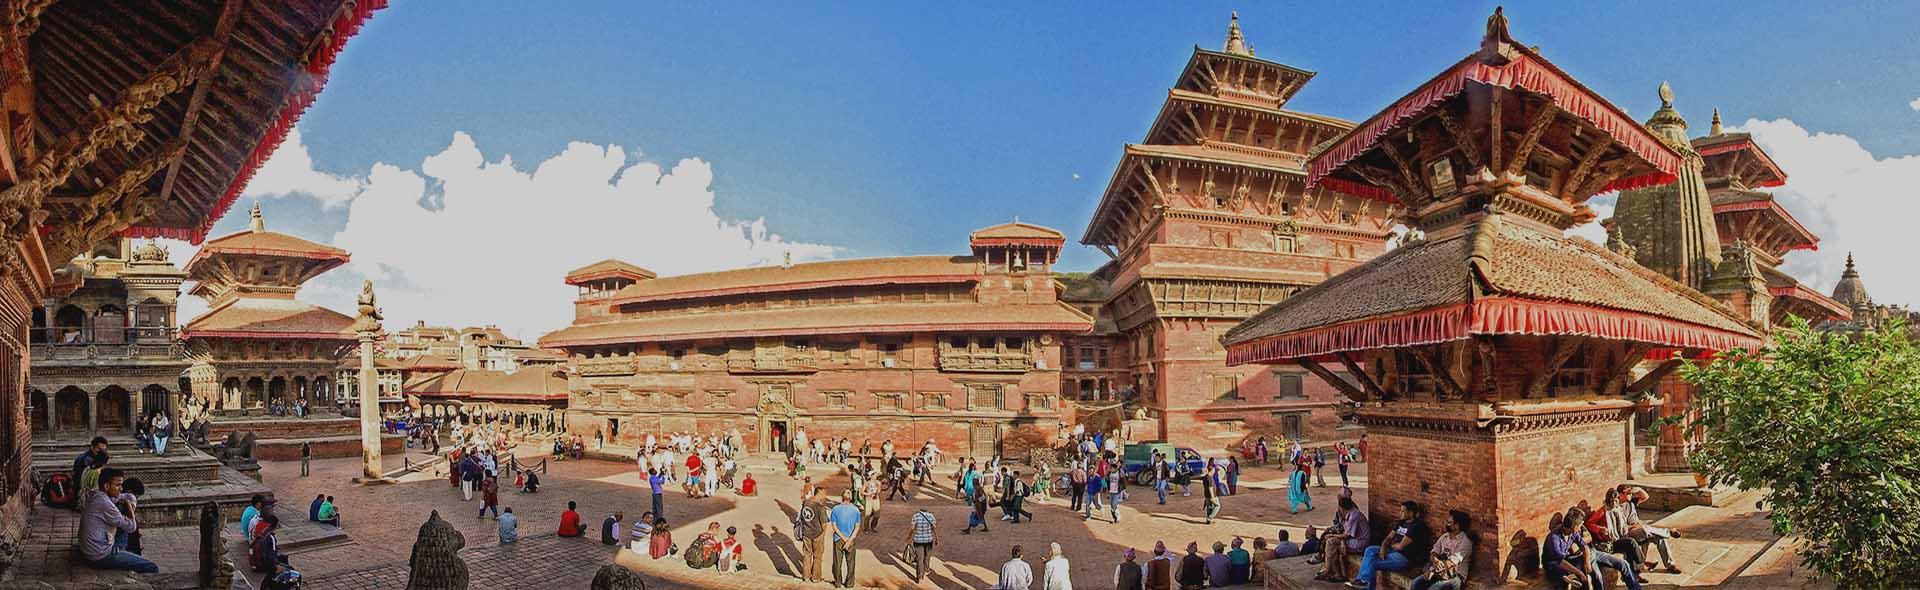 meilleurs lieux de rencontre à Katmandou